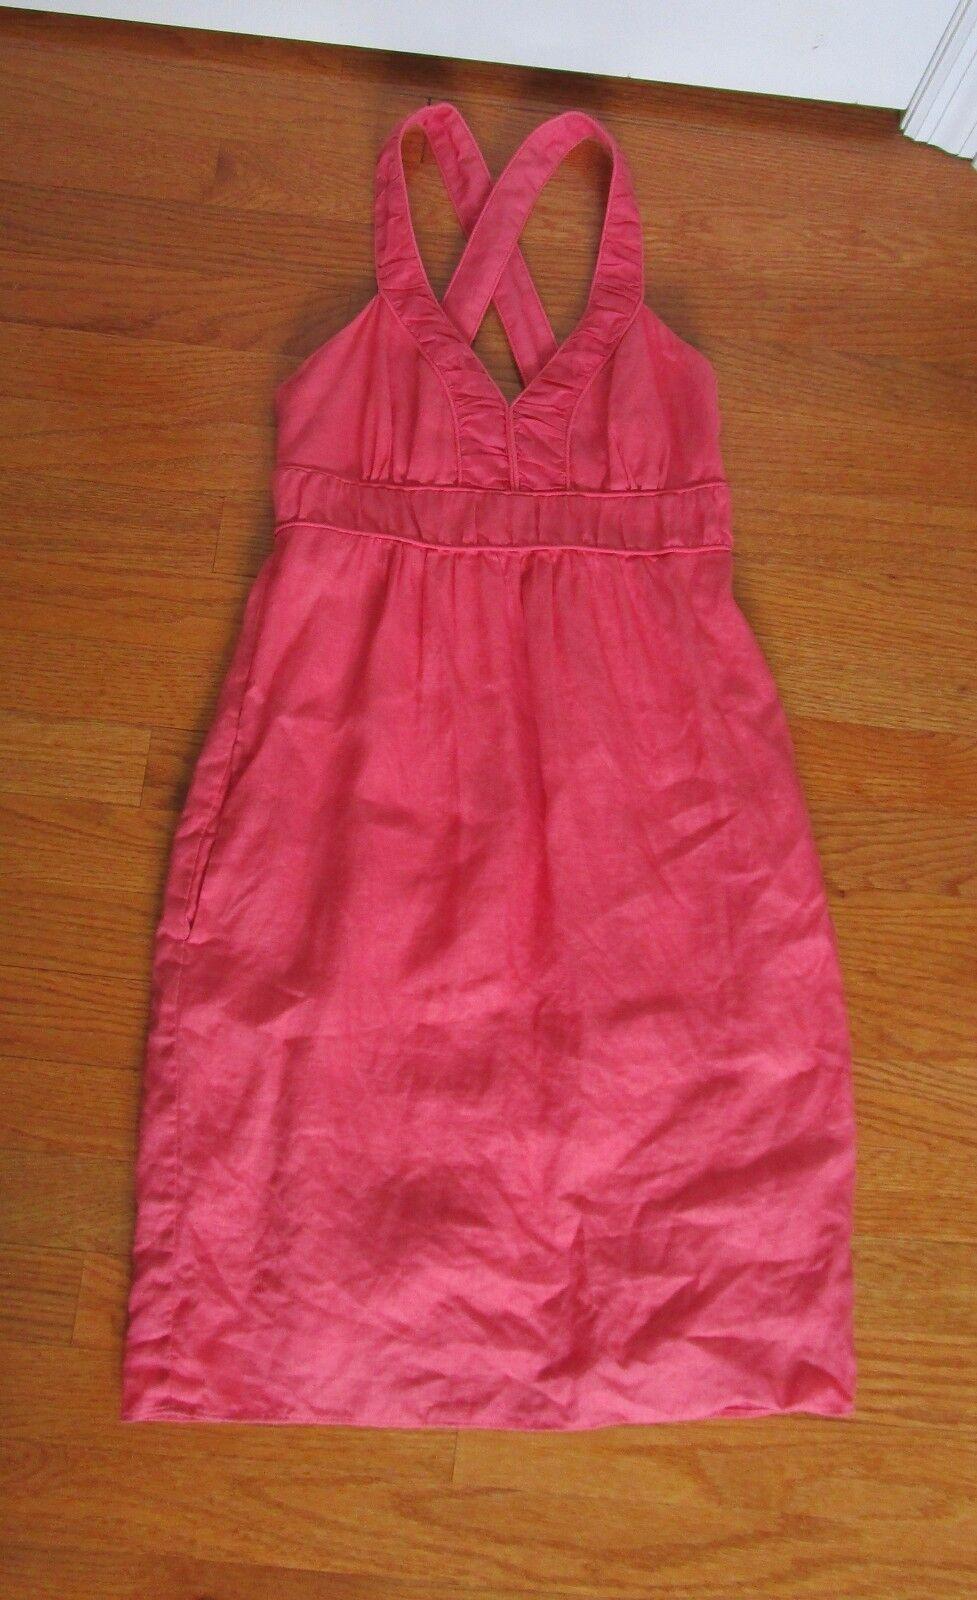 linen BANANA REPUBLIC empire waist knee-length dress salmon pink size 0 pockets